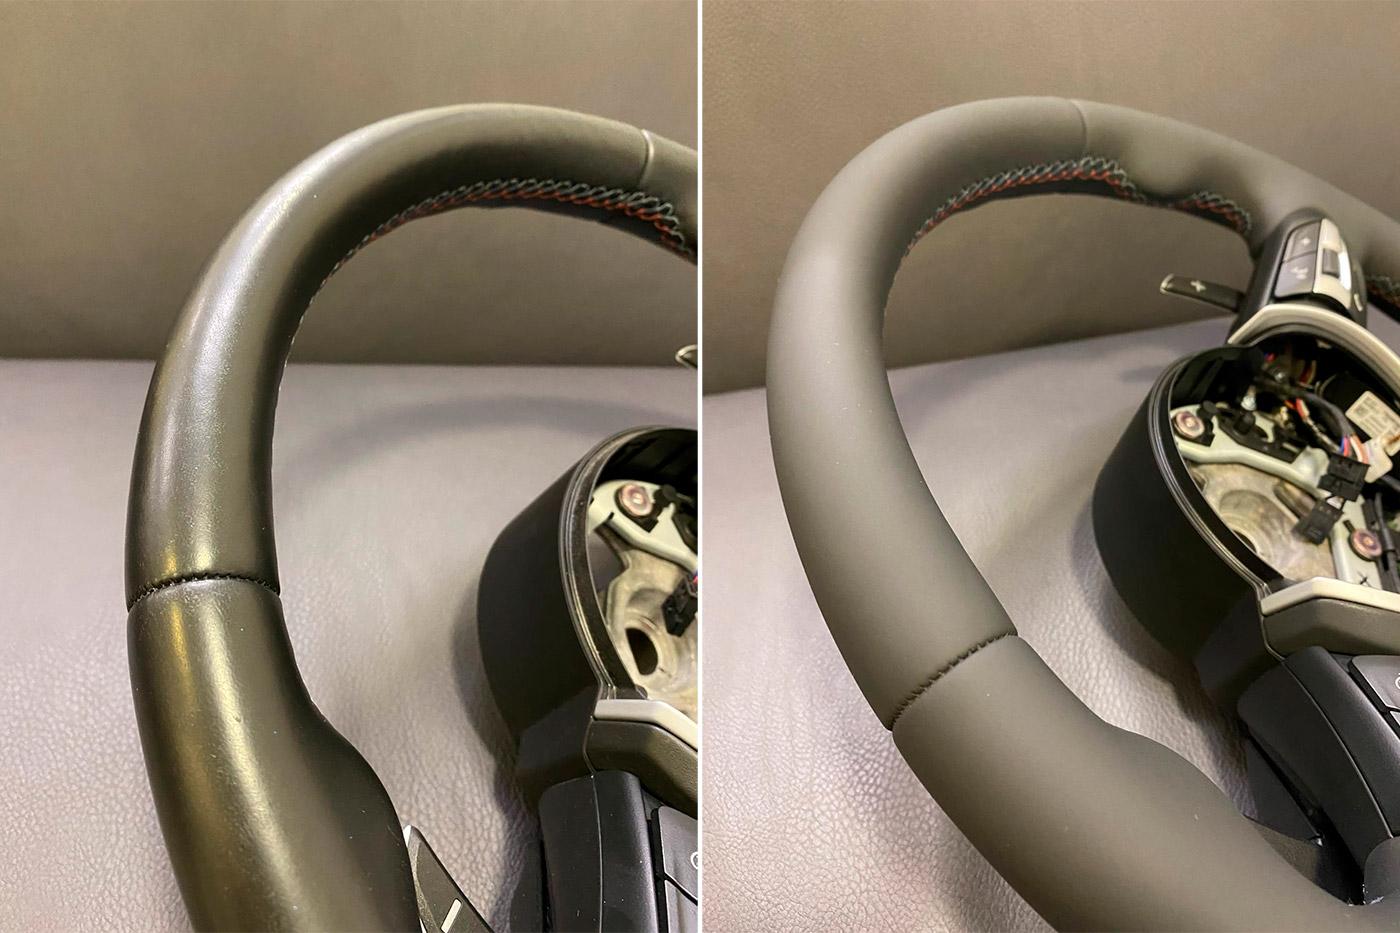 Смотреть на фото, как выглядит оригинальный заводской шов на руле после покраски кожи.